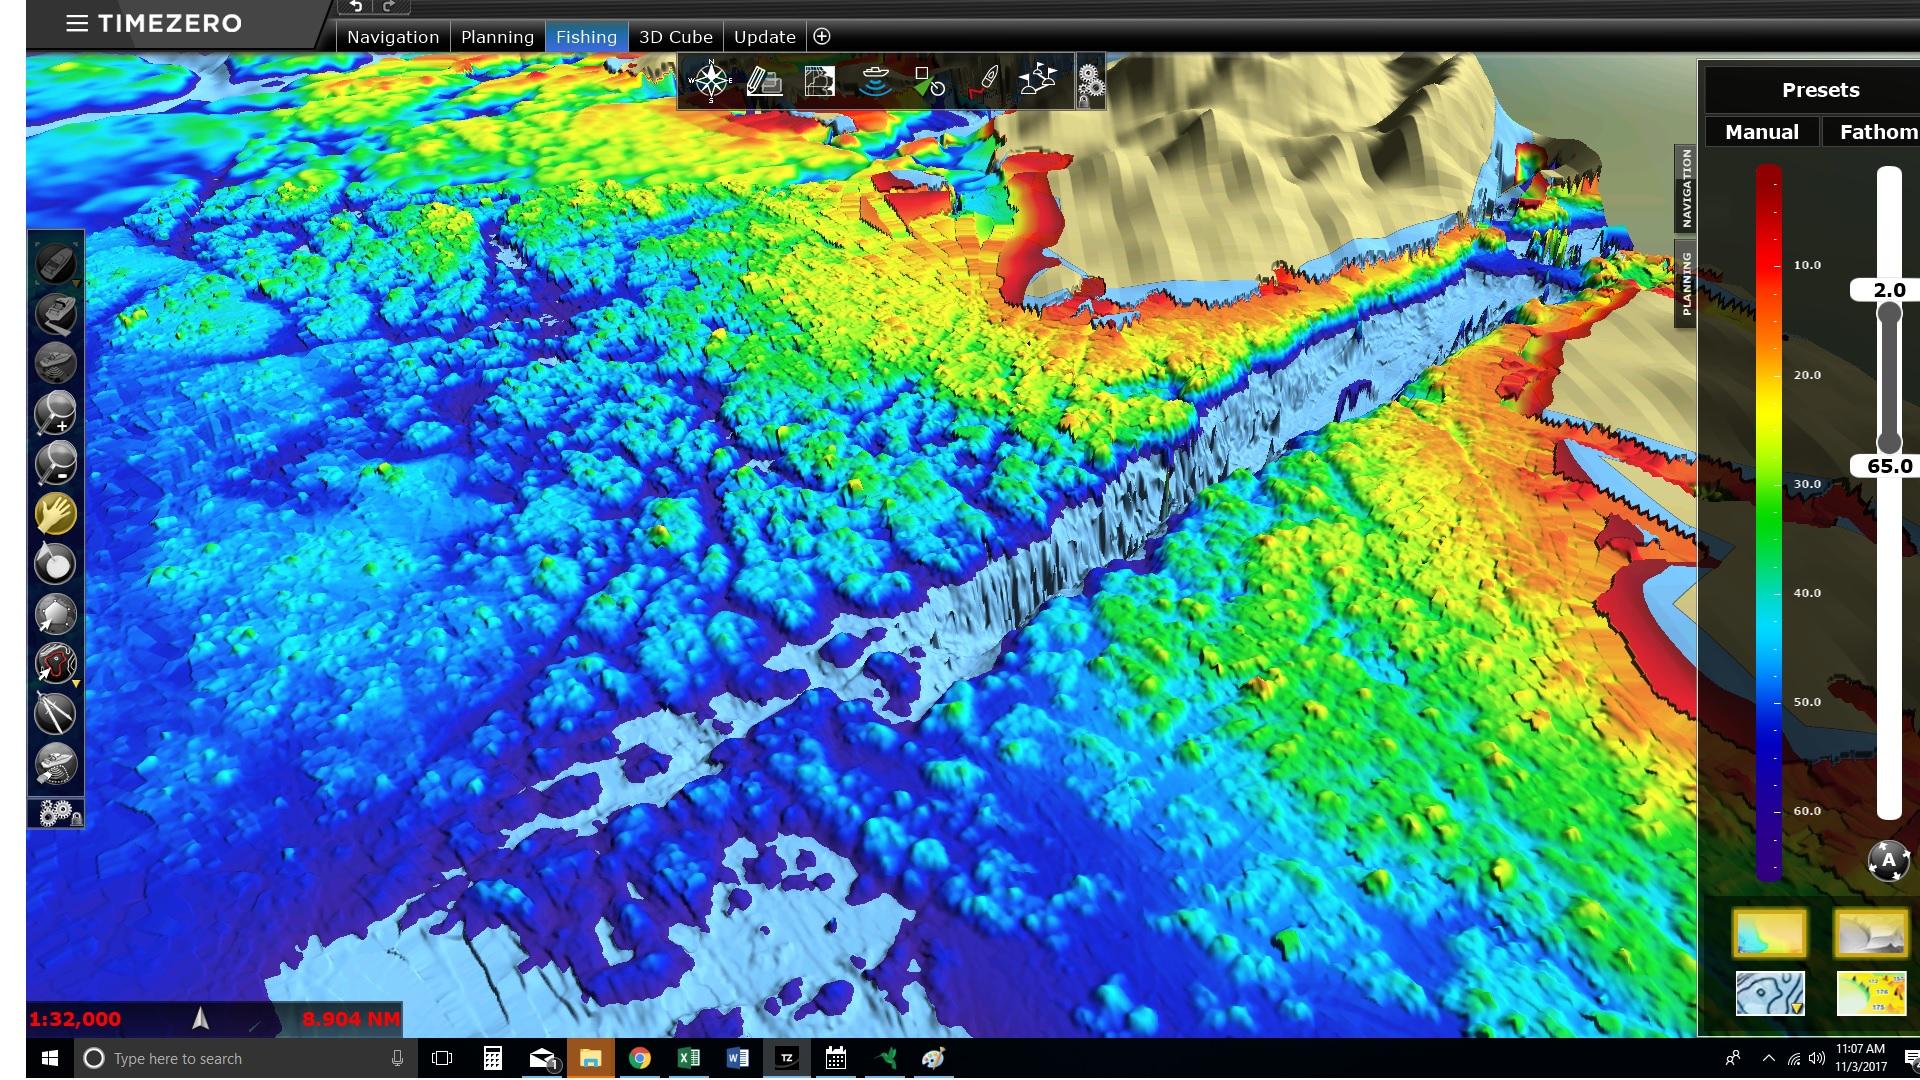 Topographic Map Of Ocean Floor.Fishermen S Network Creates Map Of Ocean Floor To Reduce Bycatch